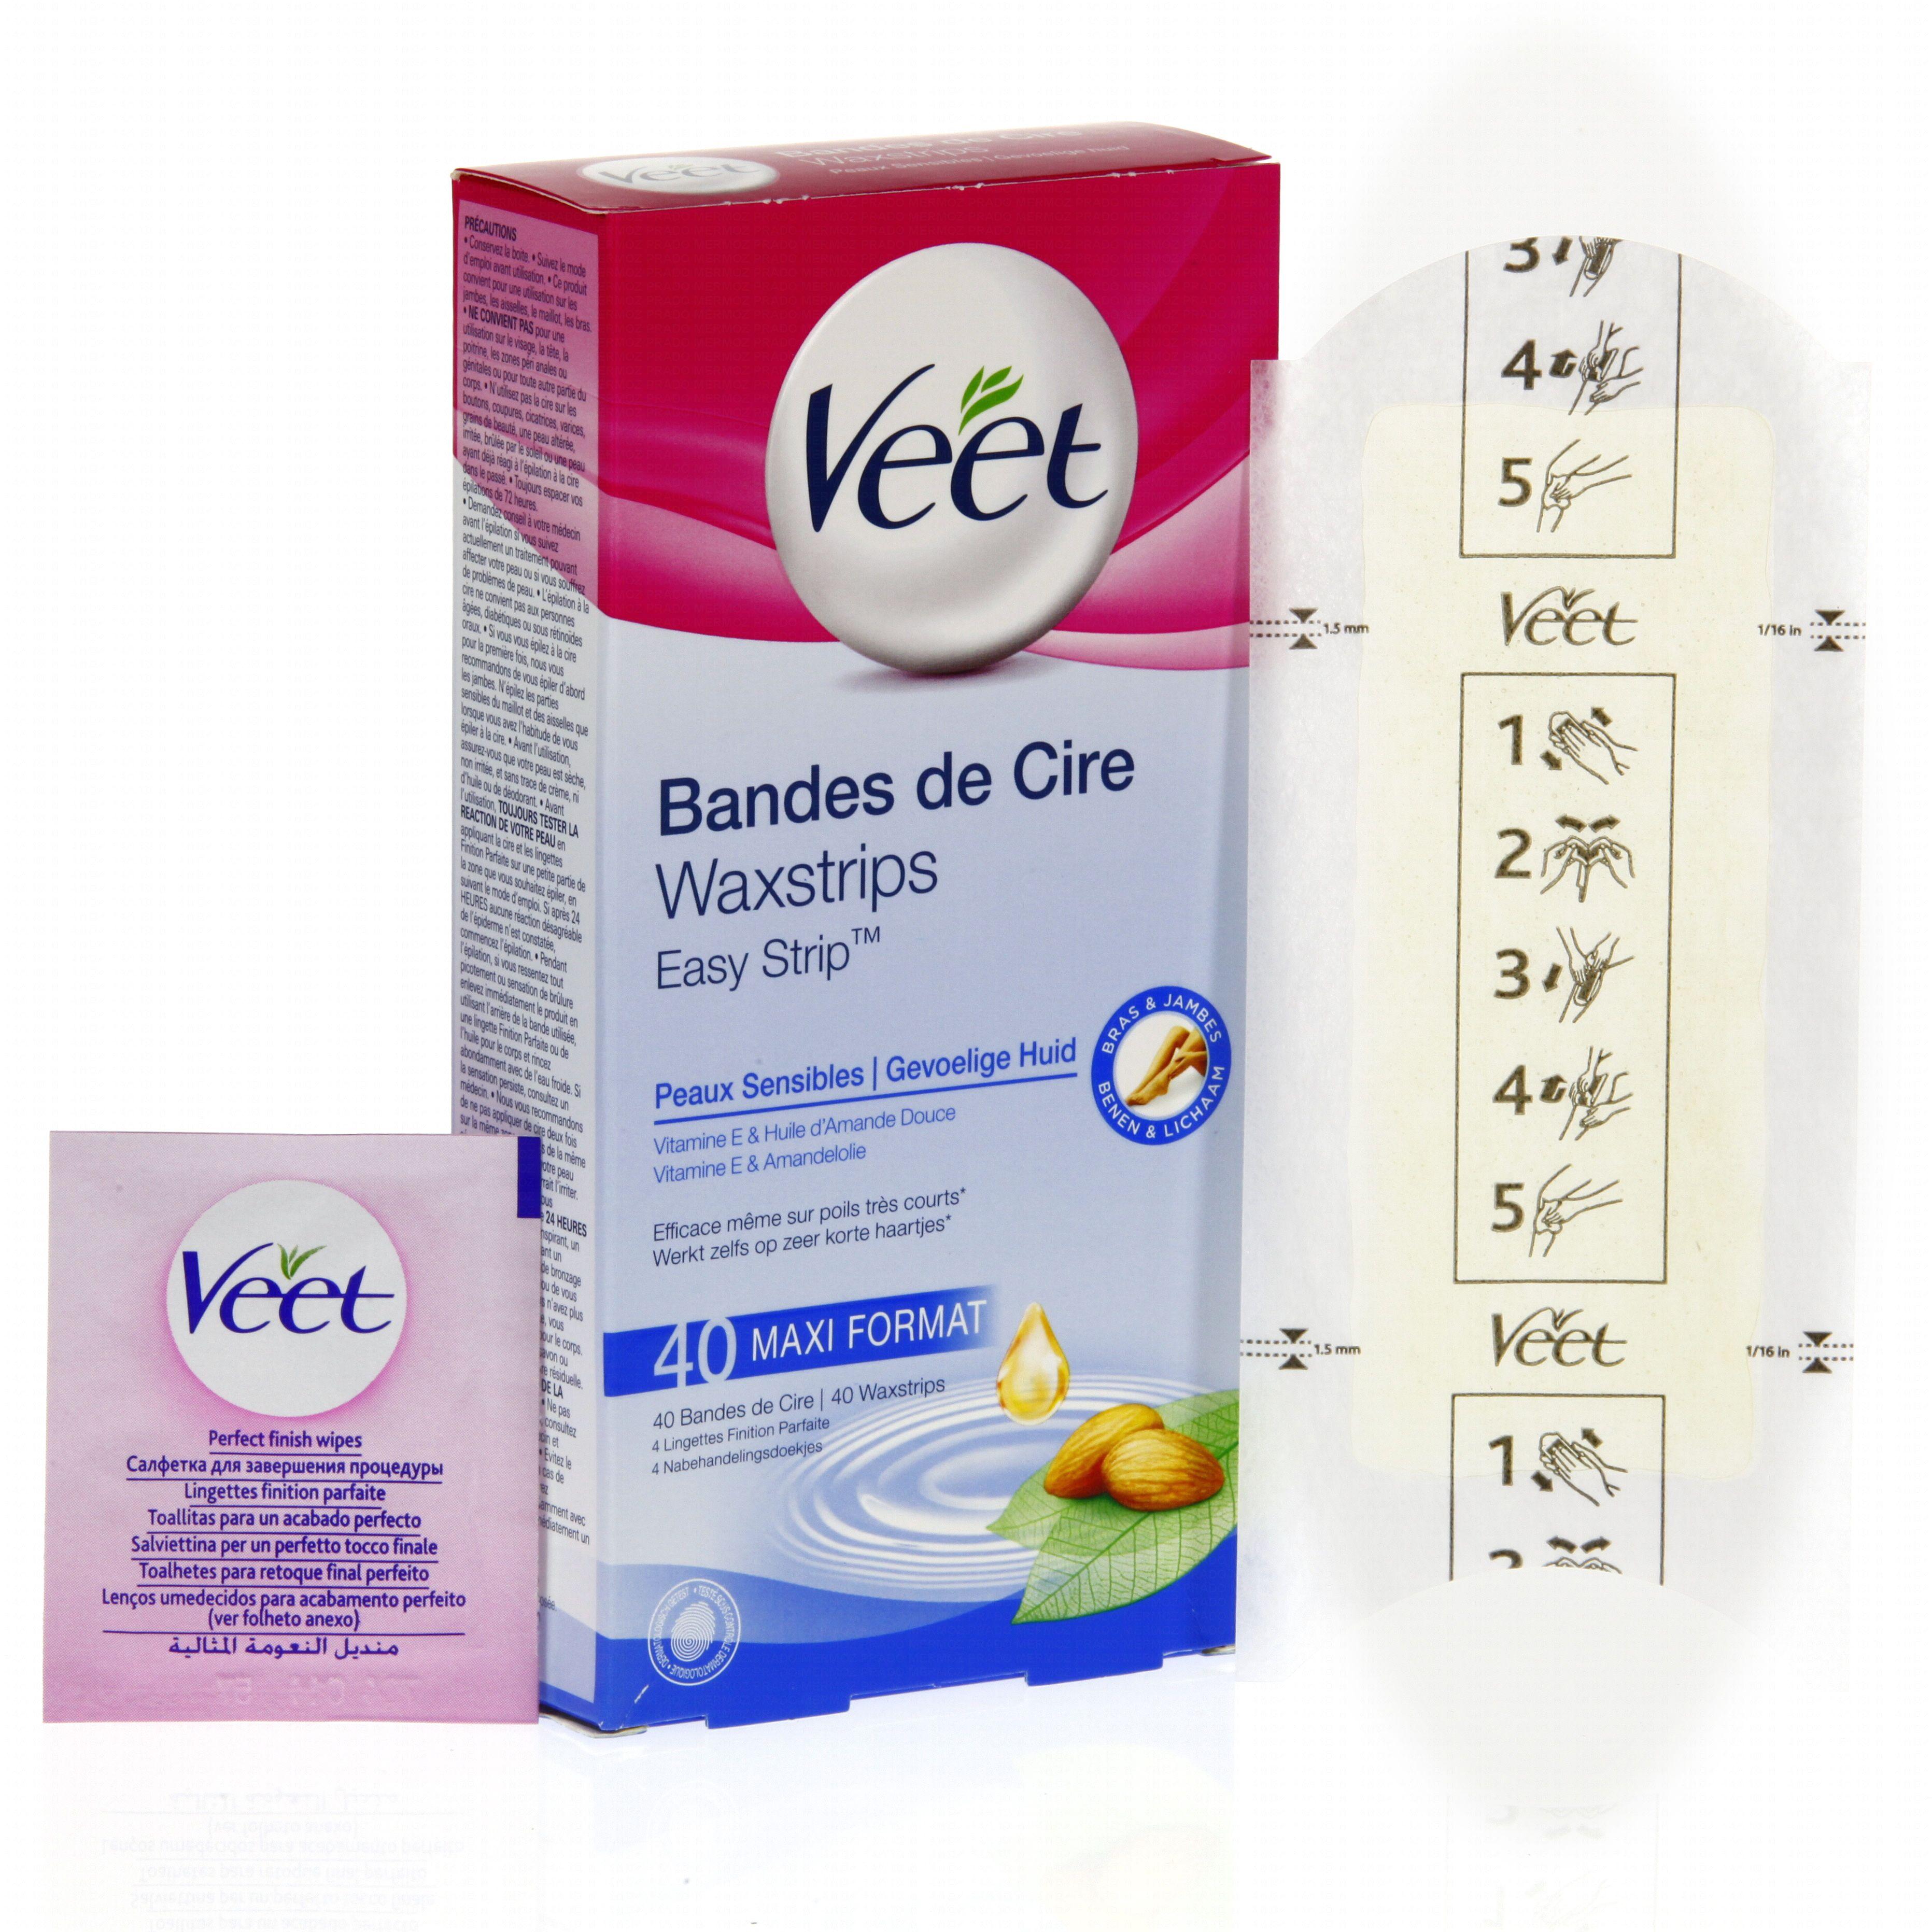 VEET Bandes de cire froide corps peaux sensibles x 40 + 4